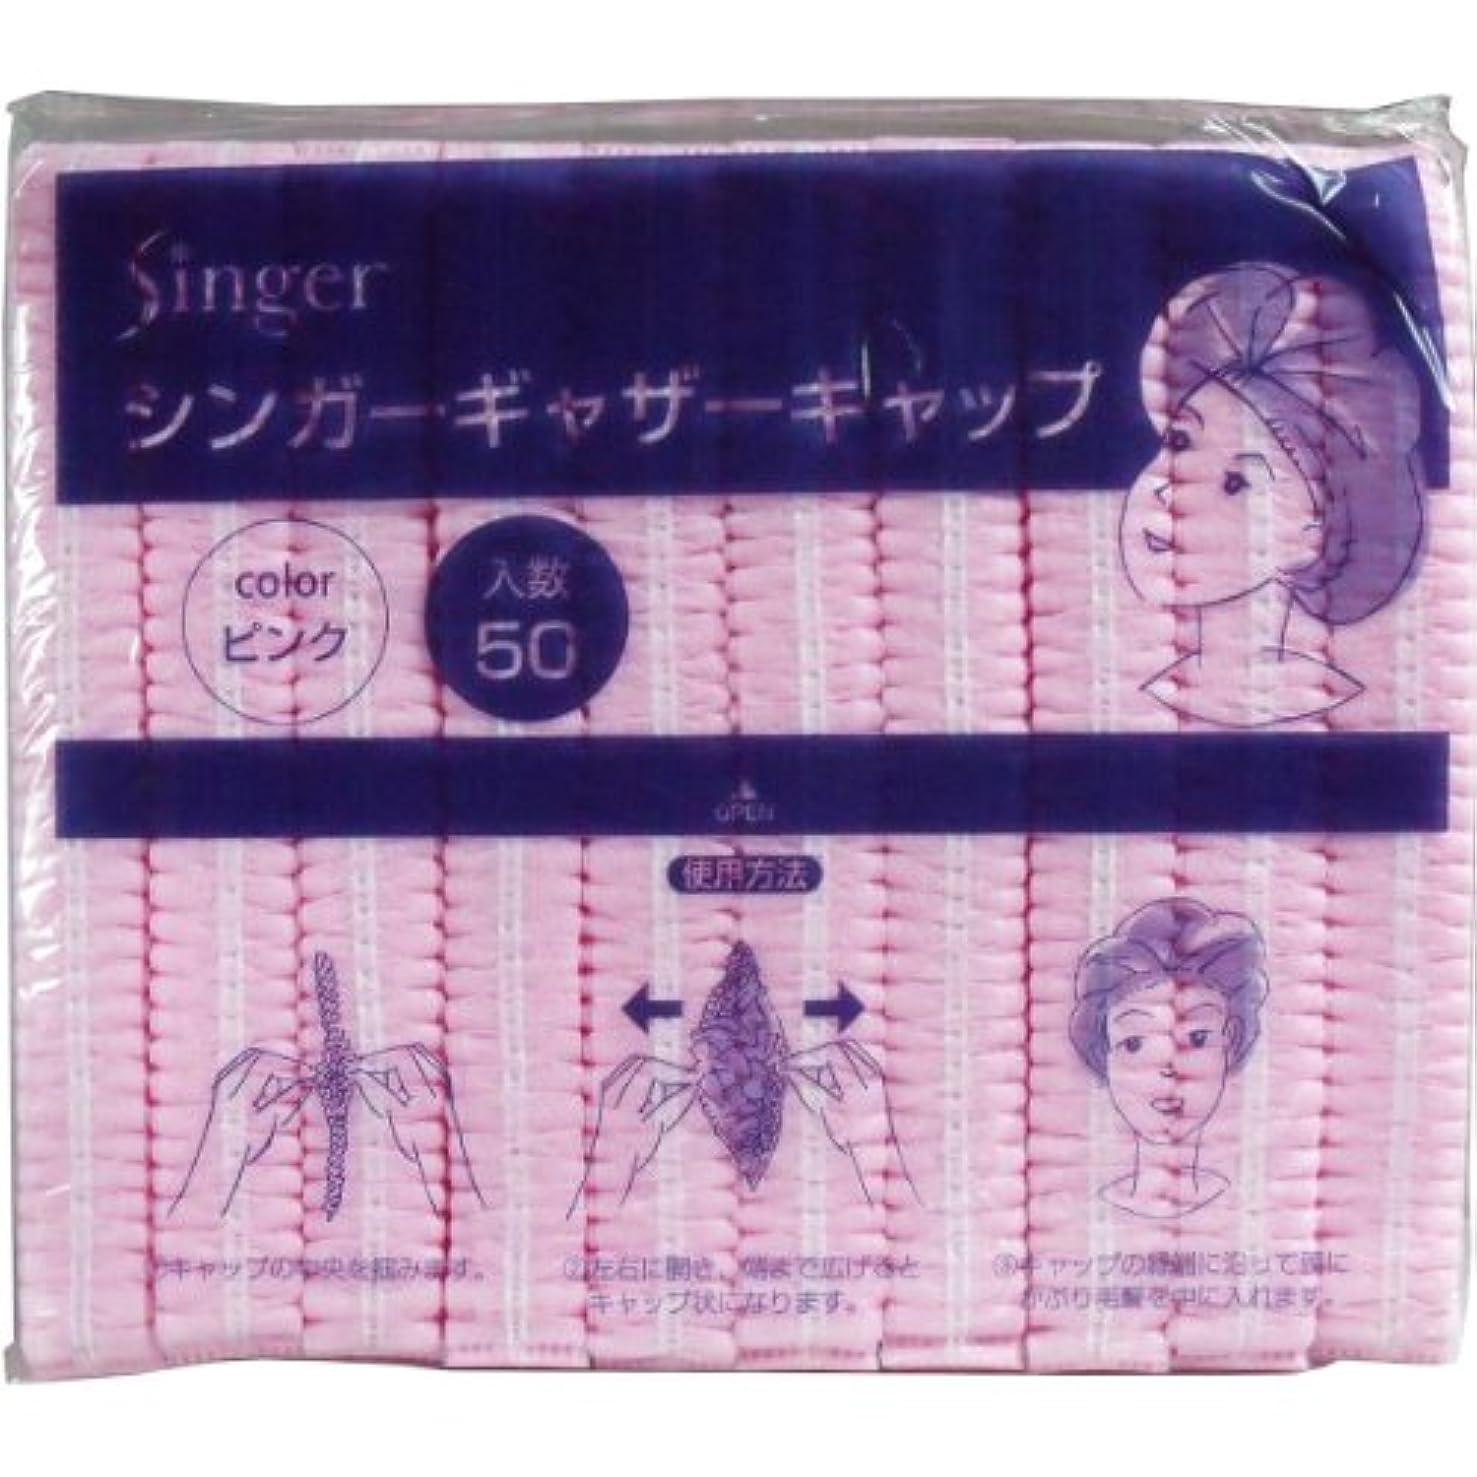 地味なアブセイ世界に死んだ宇都宮製作 不織布製衛生キャップ シンガーギャザーキャップ 50枚入 ピンク